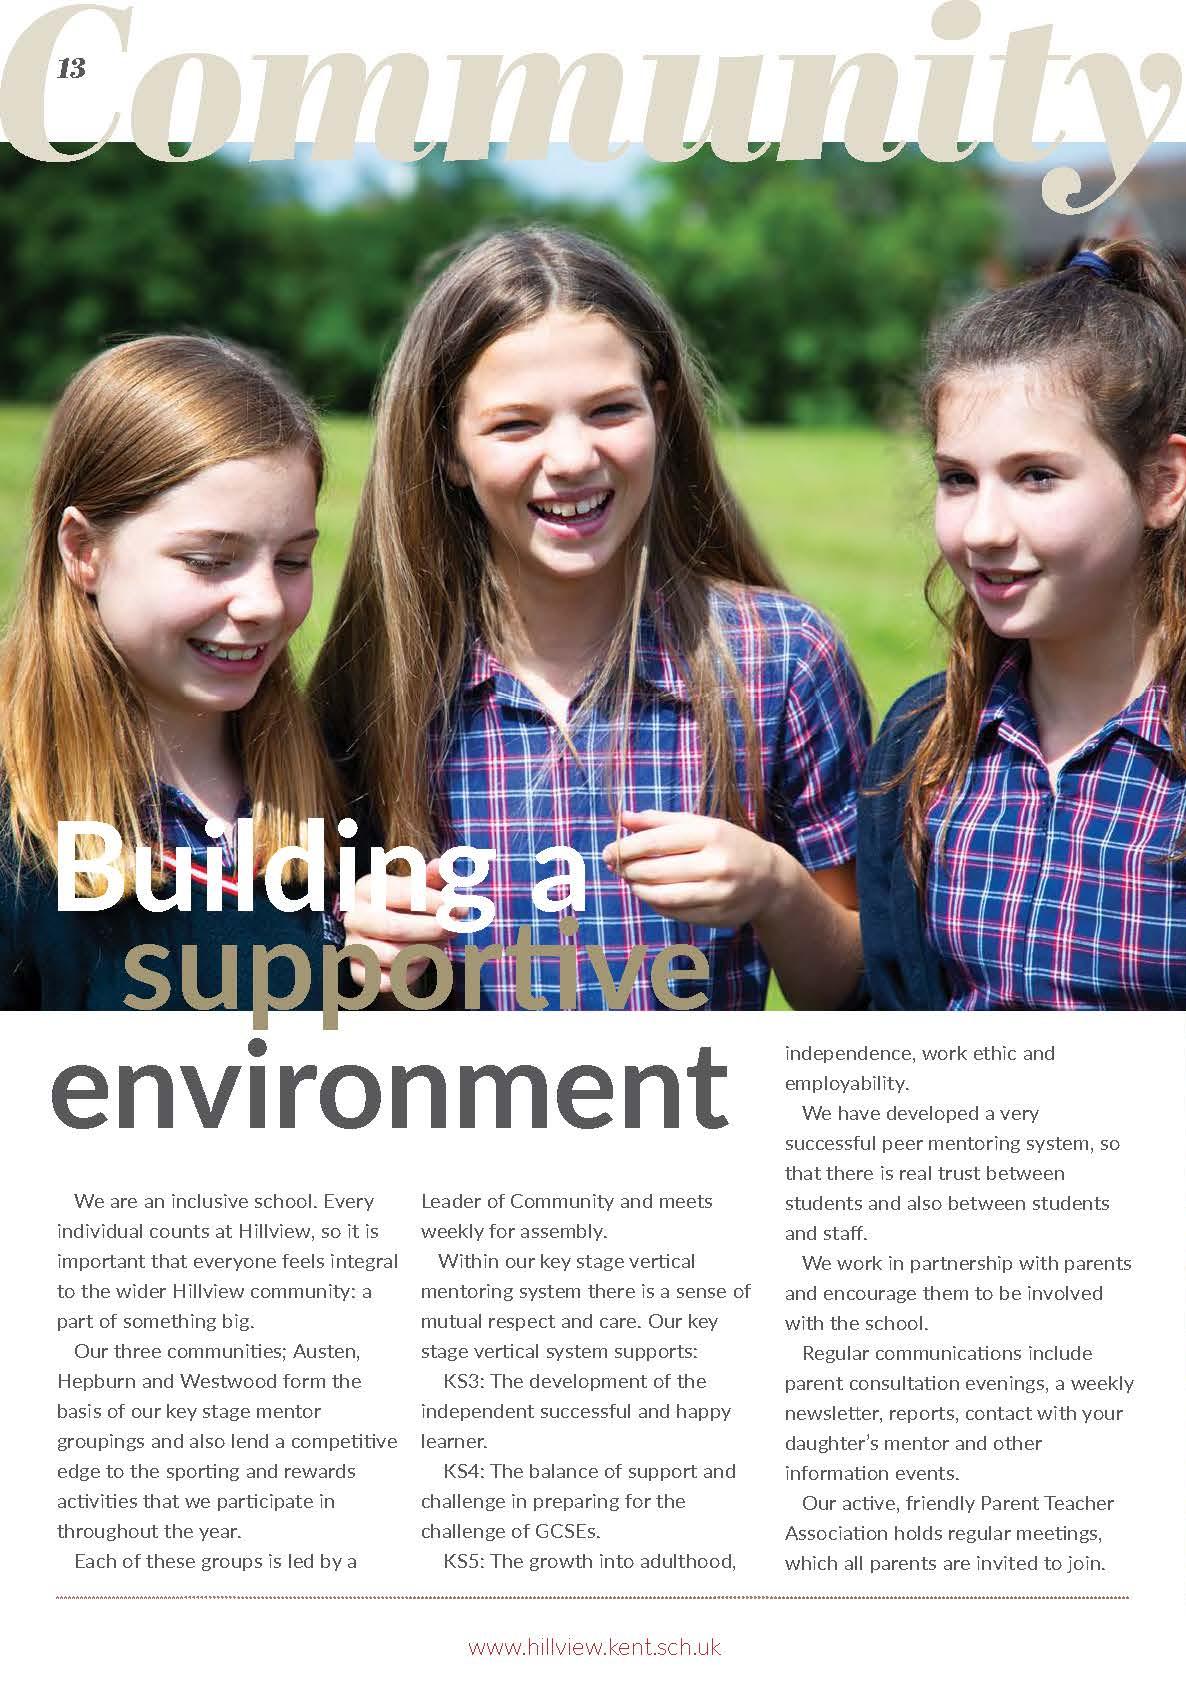 Prospectus 2019/20 | Hillview School Tonbridge Kent UK